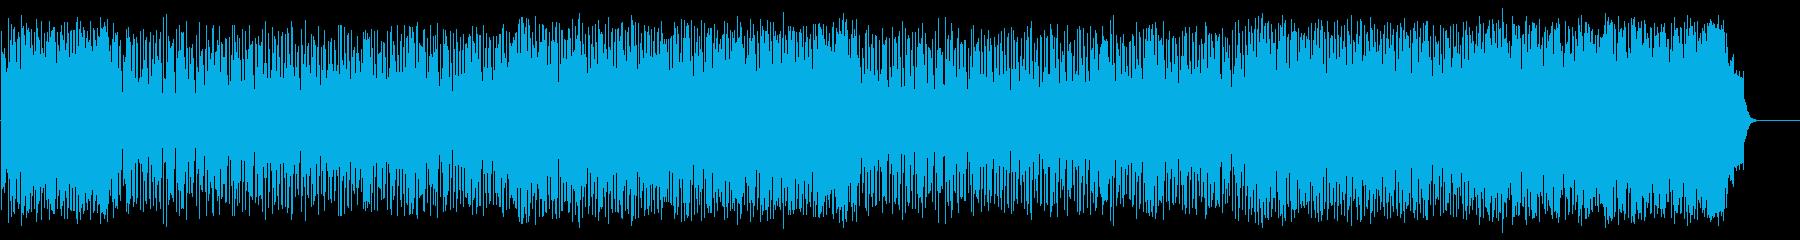 心弾む可愛らしいポップ(フルサイズ)の再生済みの波形